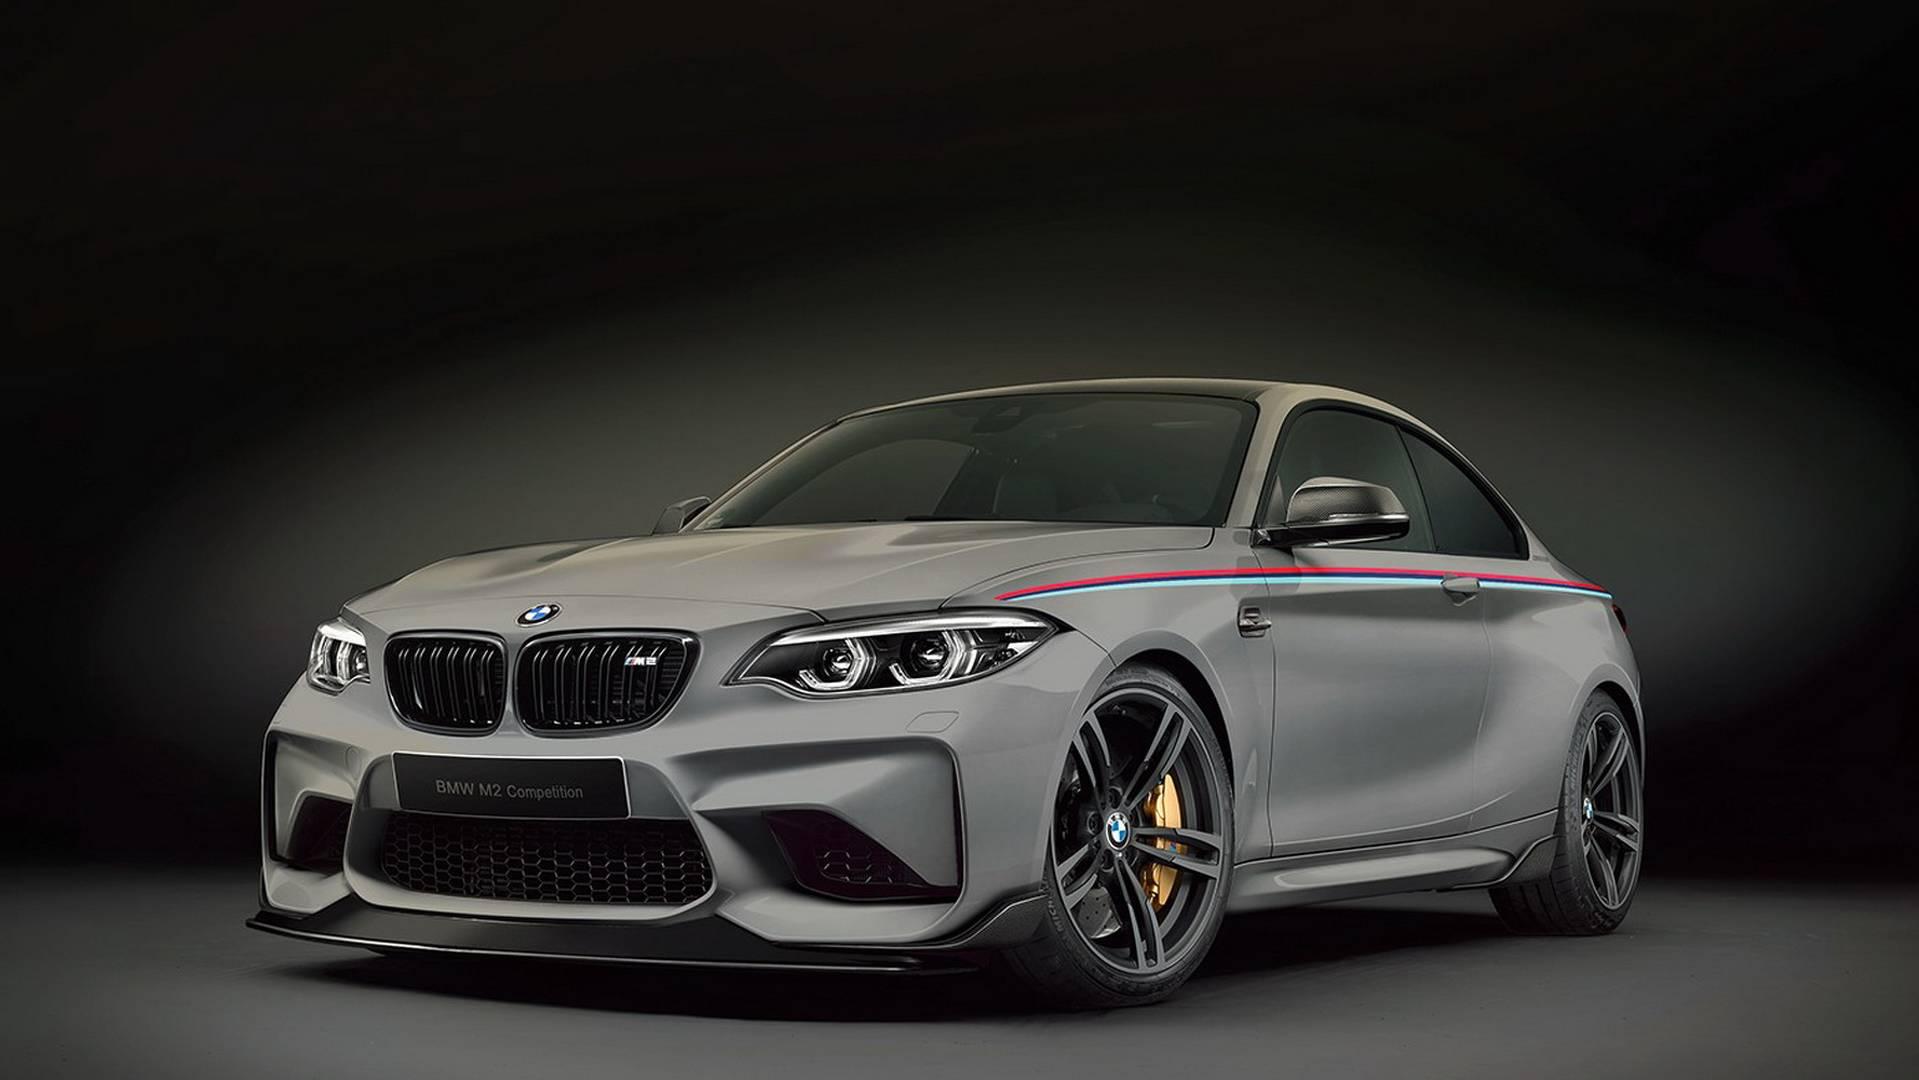 ניס BMW M2 Competition Coming April 25 With 410 Horsepower? HK-44